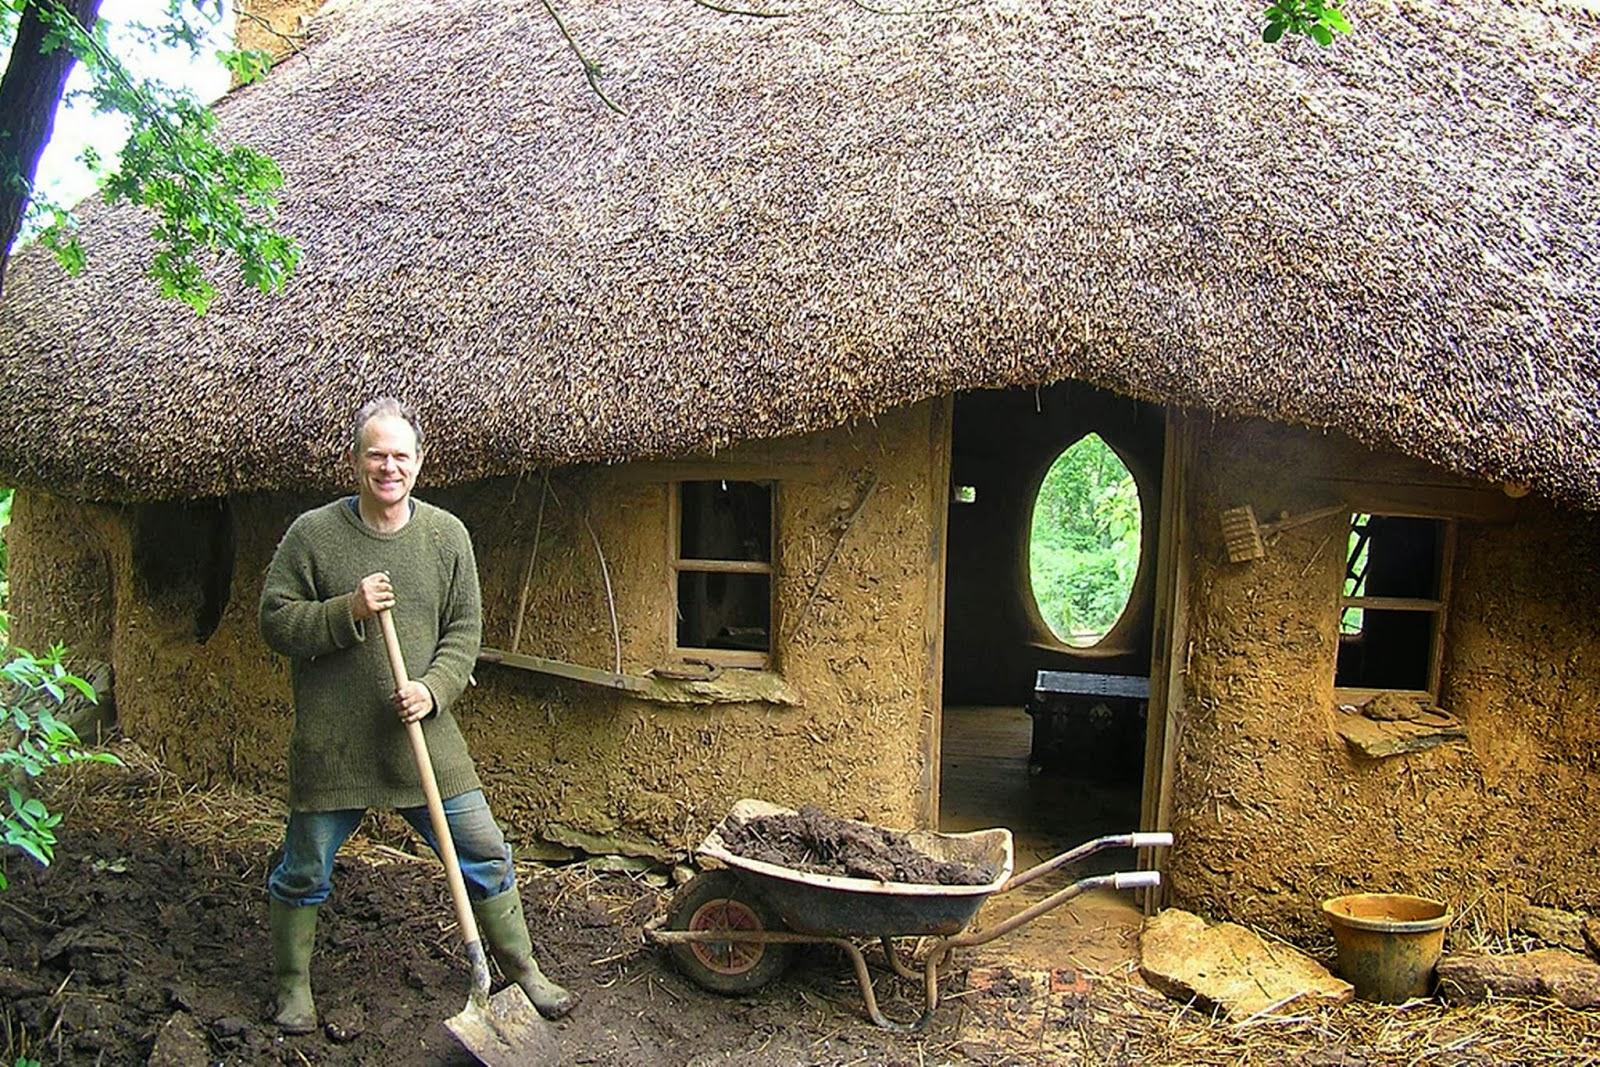 Allpe medio ambiente blog una casa for Encerrado en 4 paredes